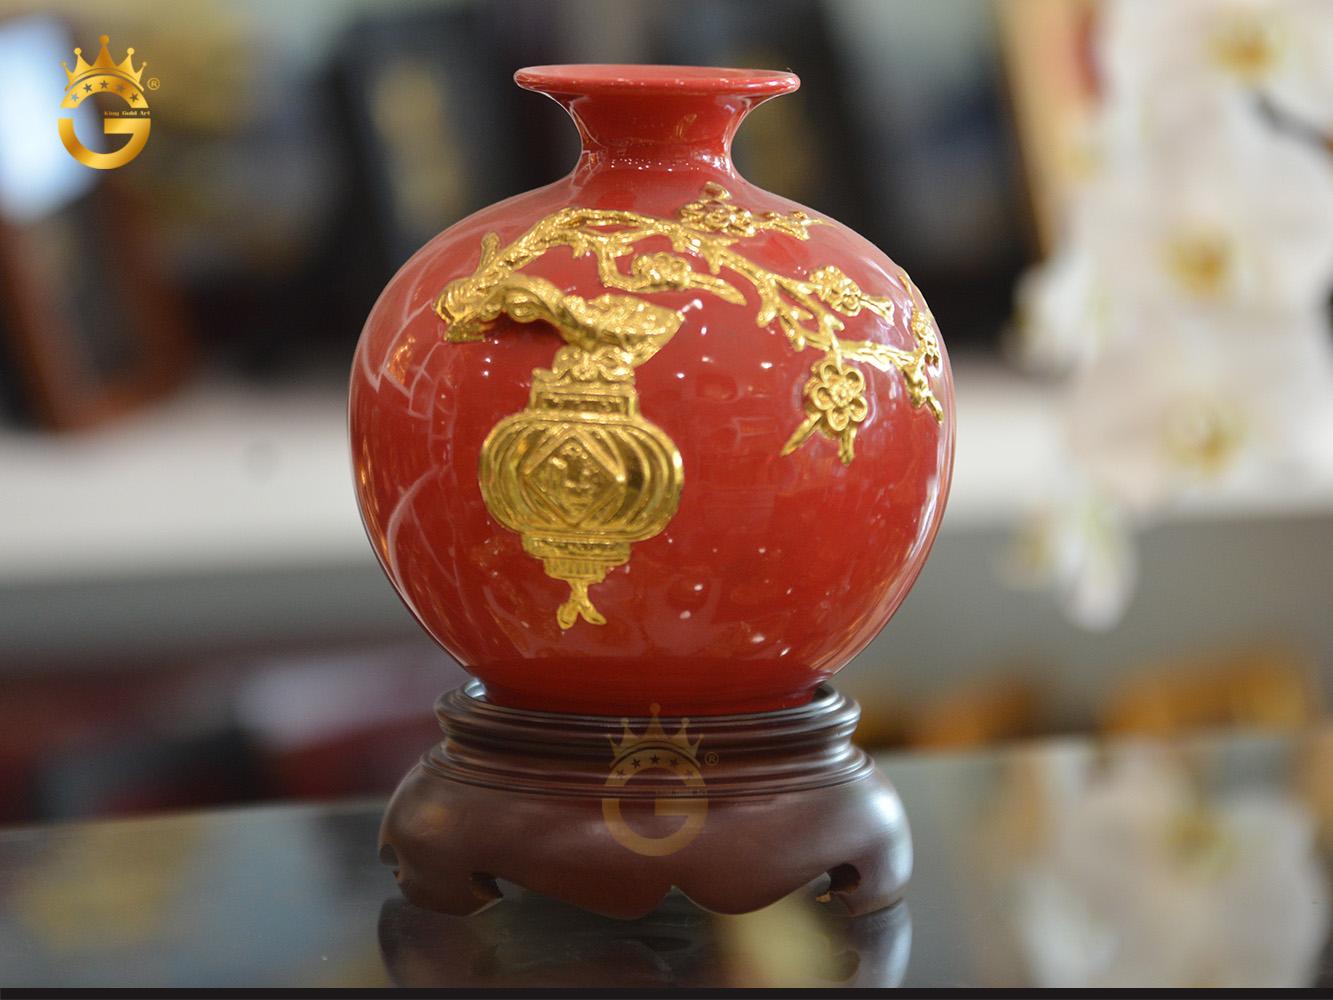 Quà tặng bình gốm dát vàng- bình hút tài lộc Hồng Phúc Xuân Thiên